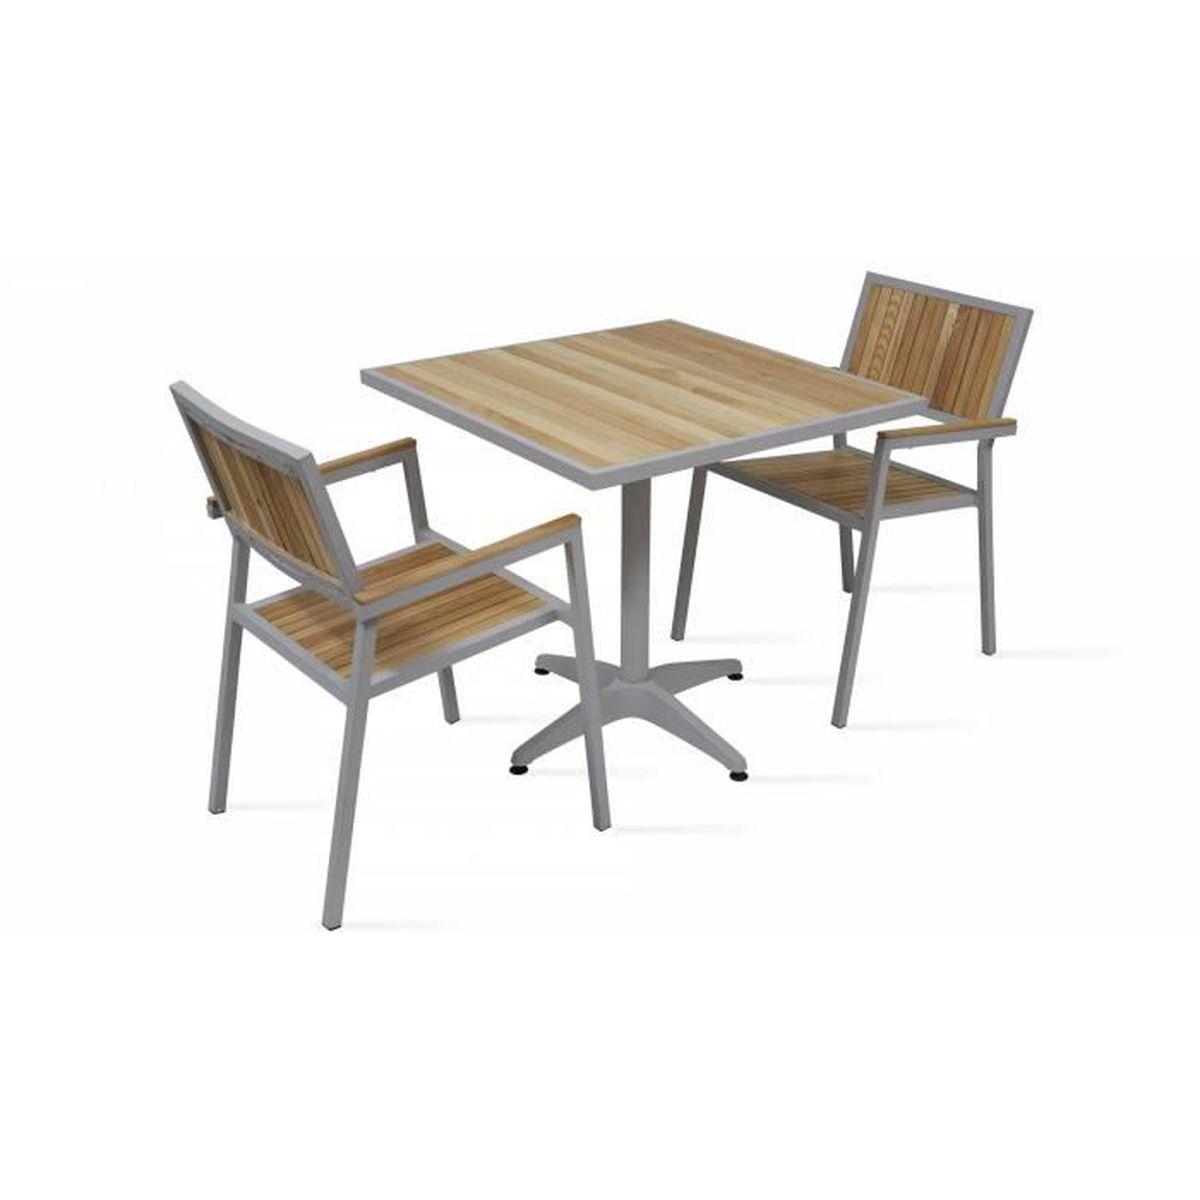 Salon de jardin - Table carrée et 2 chaises en alu et bois ...